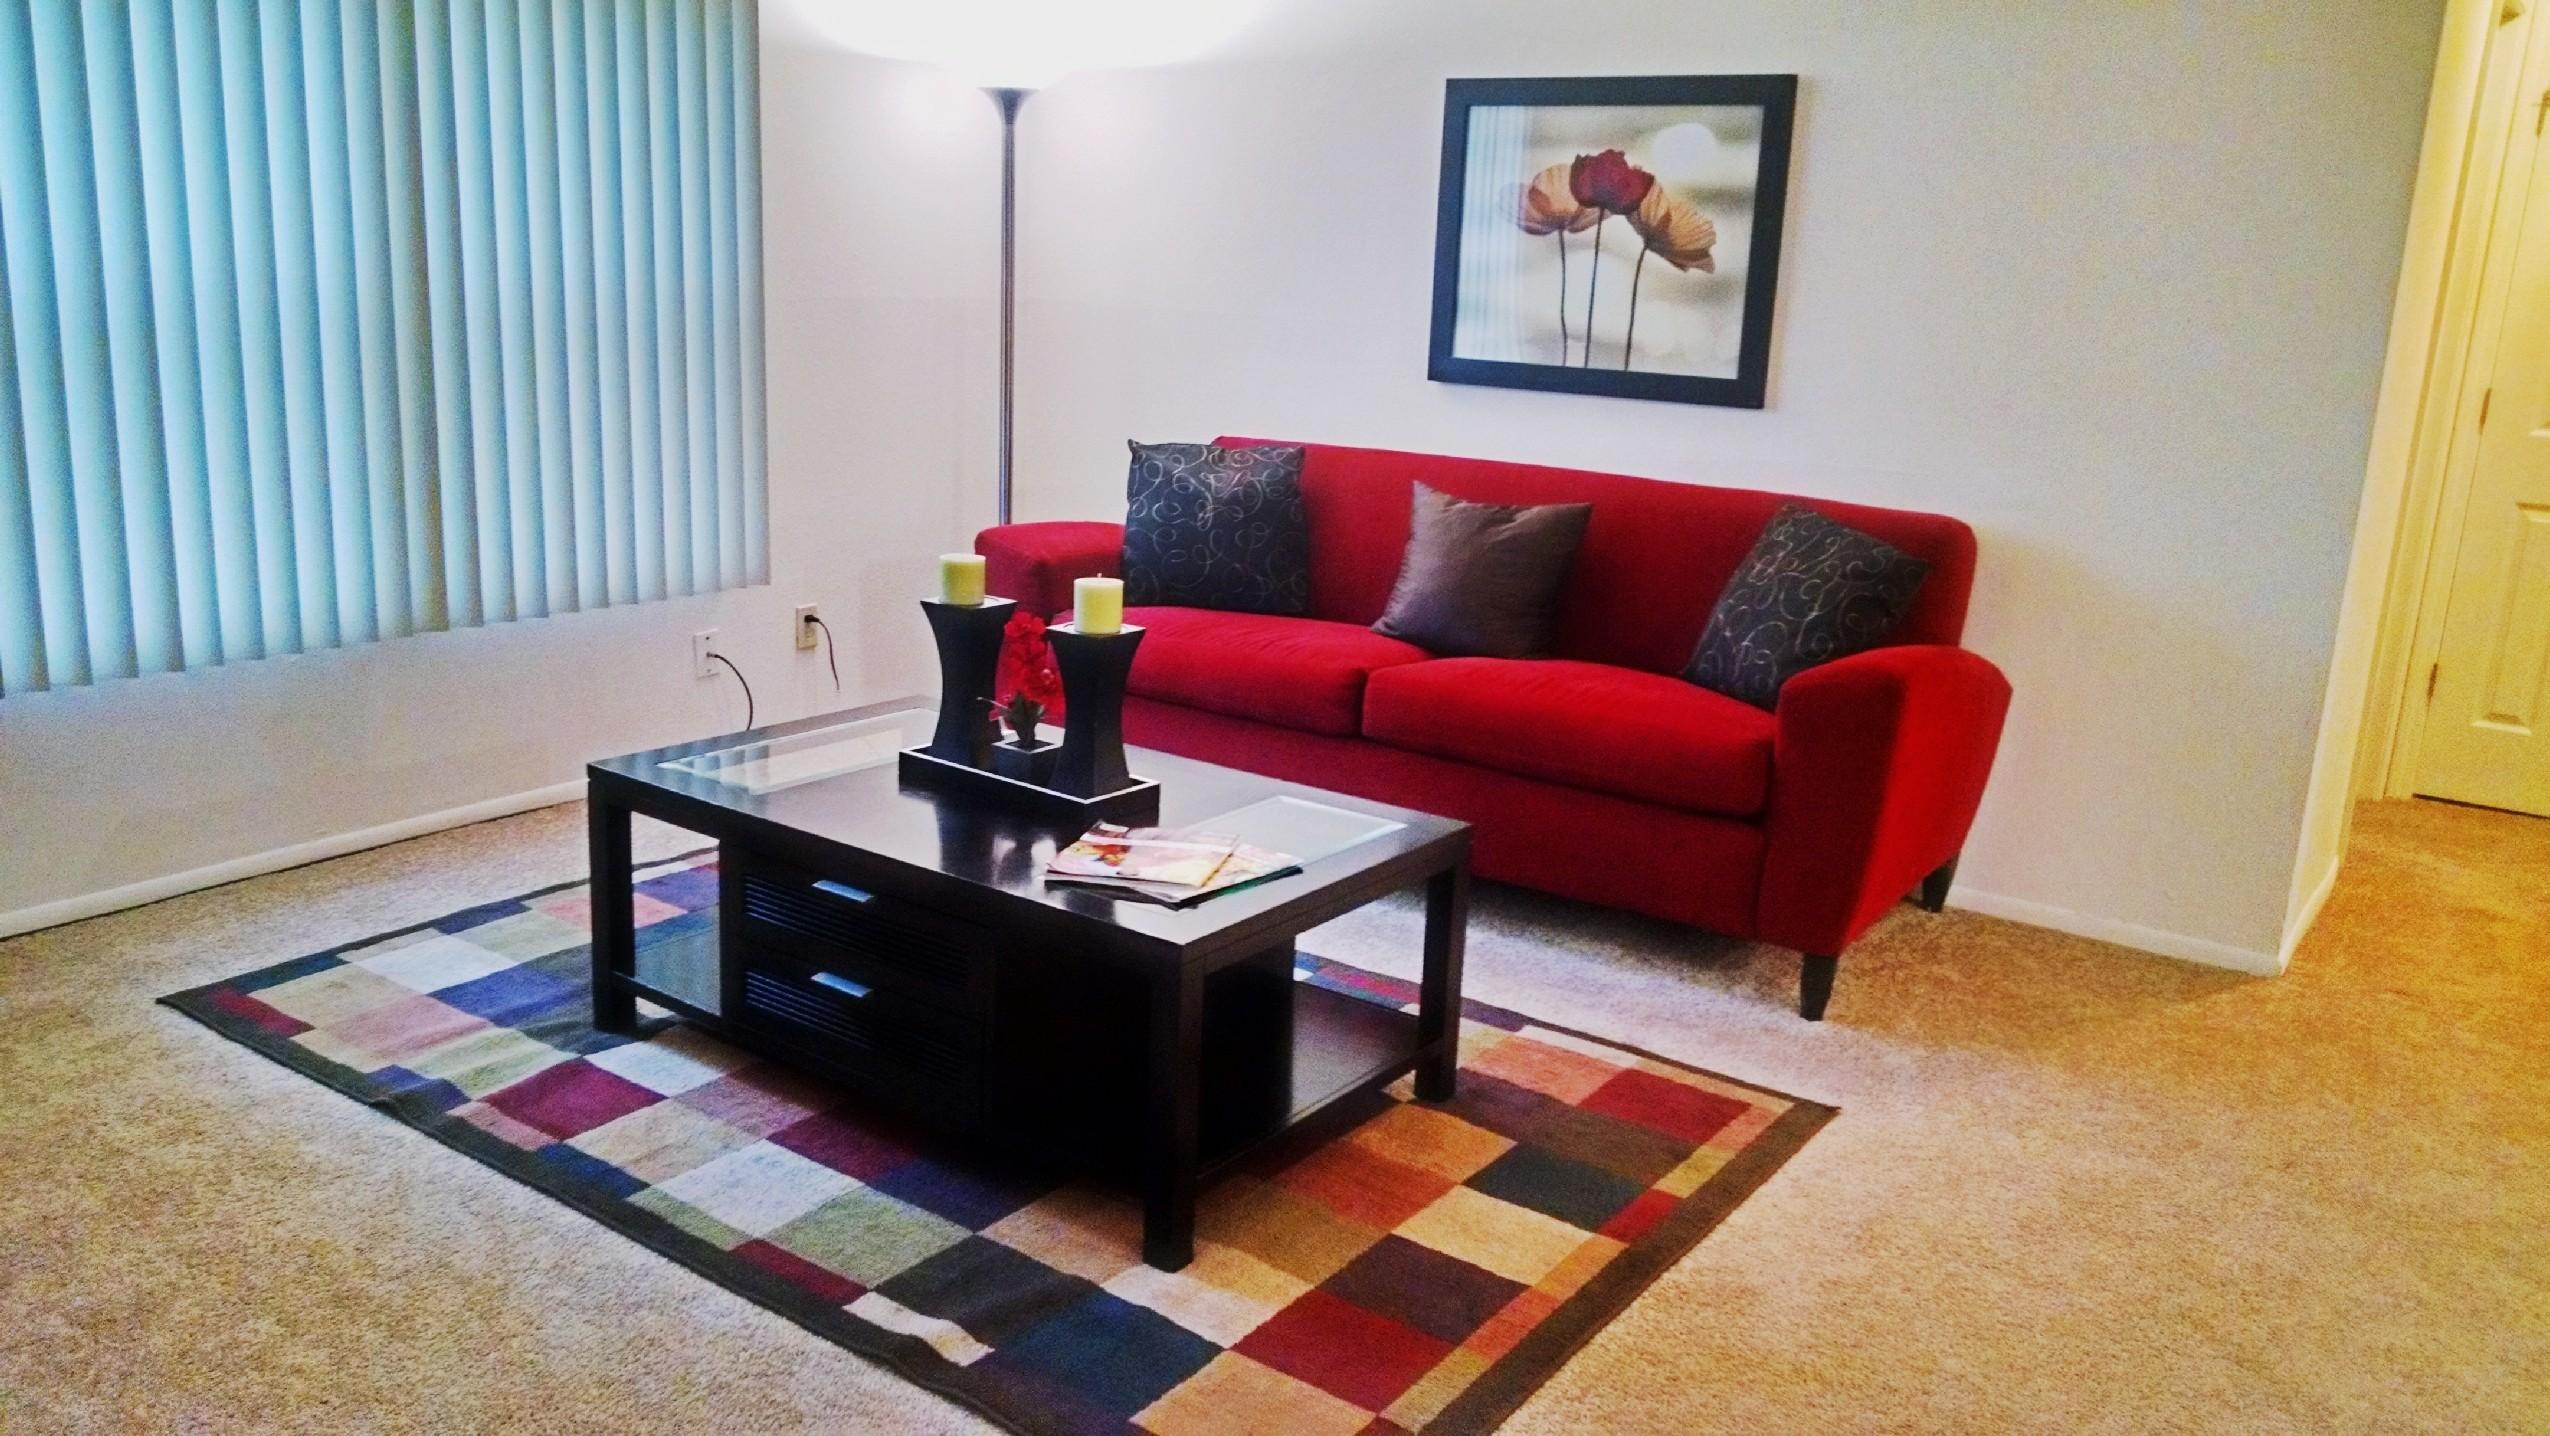 Laurel Park Apartments 9605 Jacobi Ave St Louis Mo 63136 Apartment For Rent Padmapper